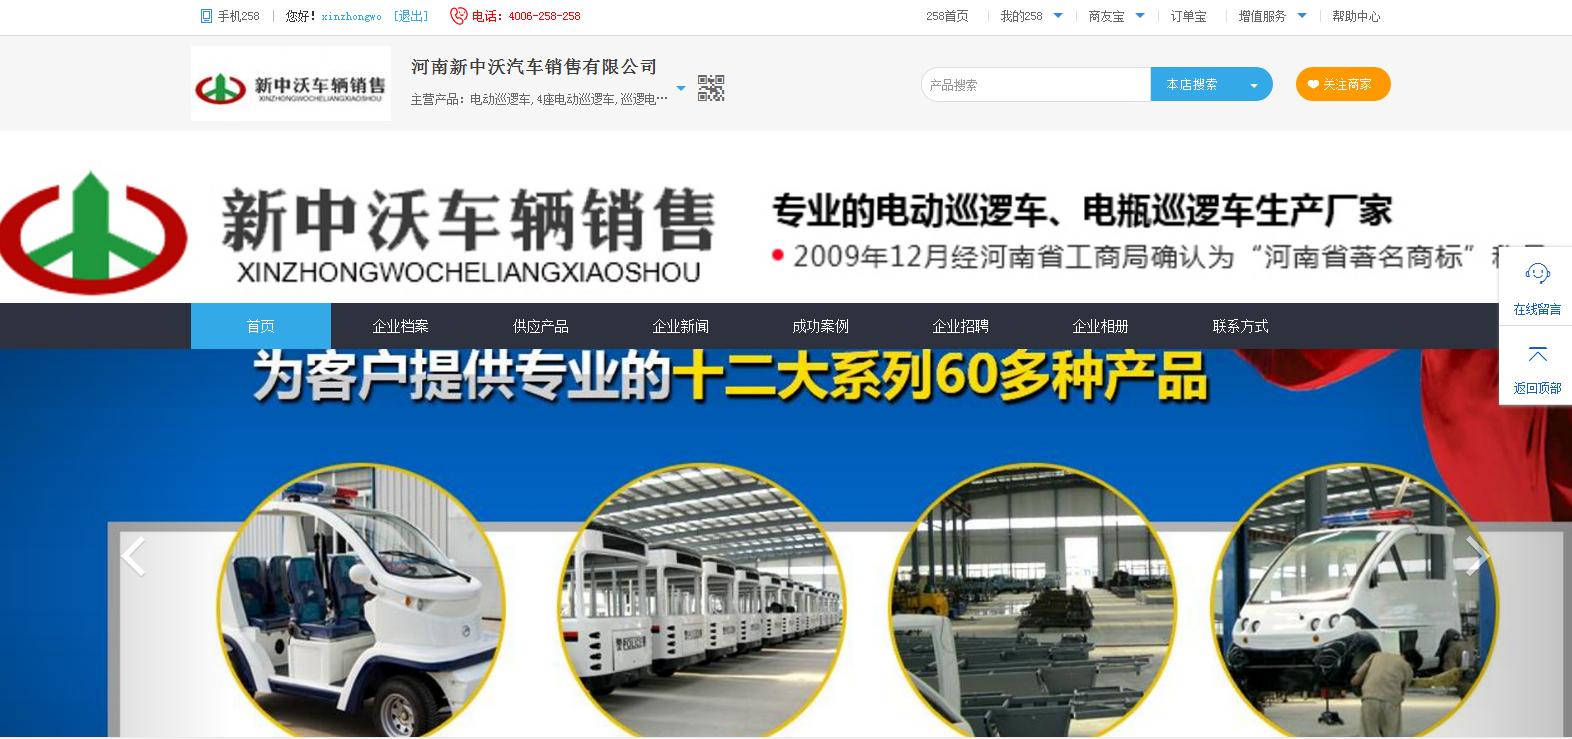 河南新中沃汽车销售有限公司